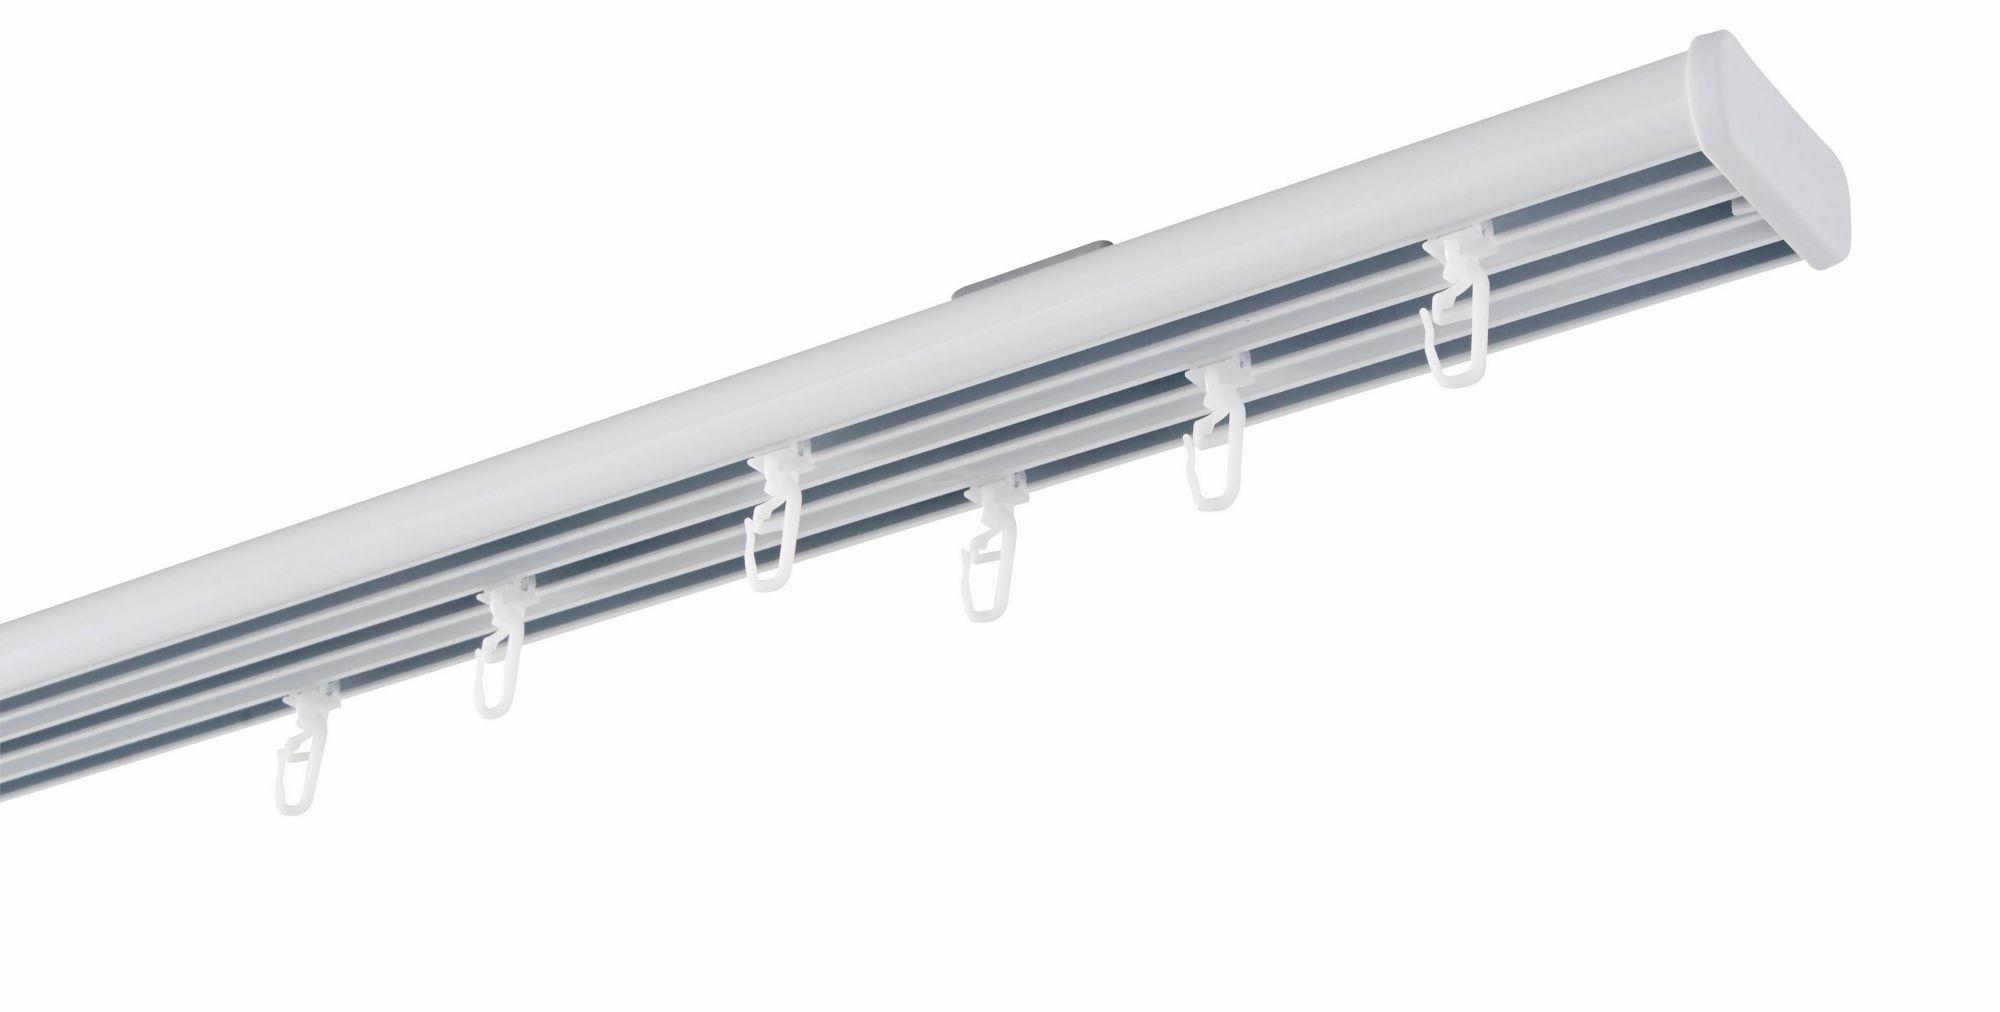 GARESA Flächenvorhangschiene mit 3 Läufen nach Maß 20 x 55 mm, Garesa, »Compact Deckenmontage«